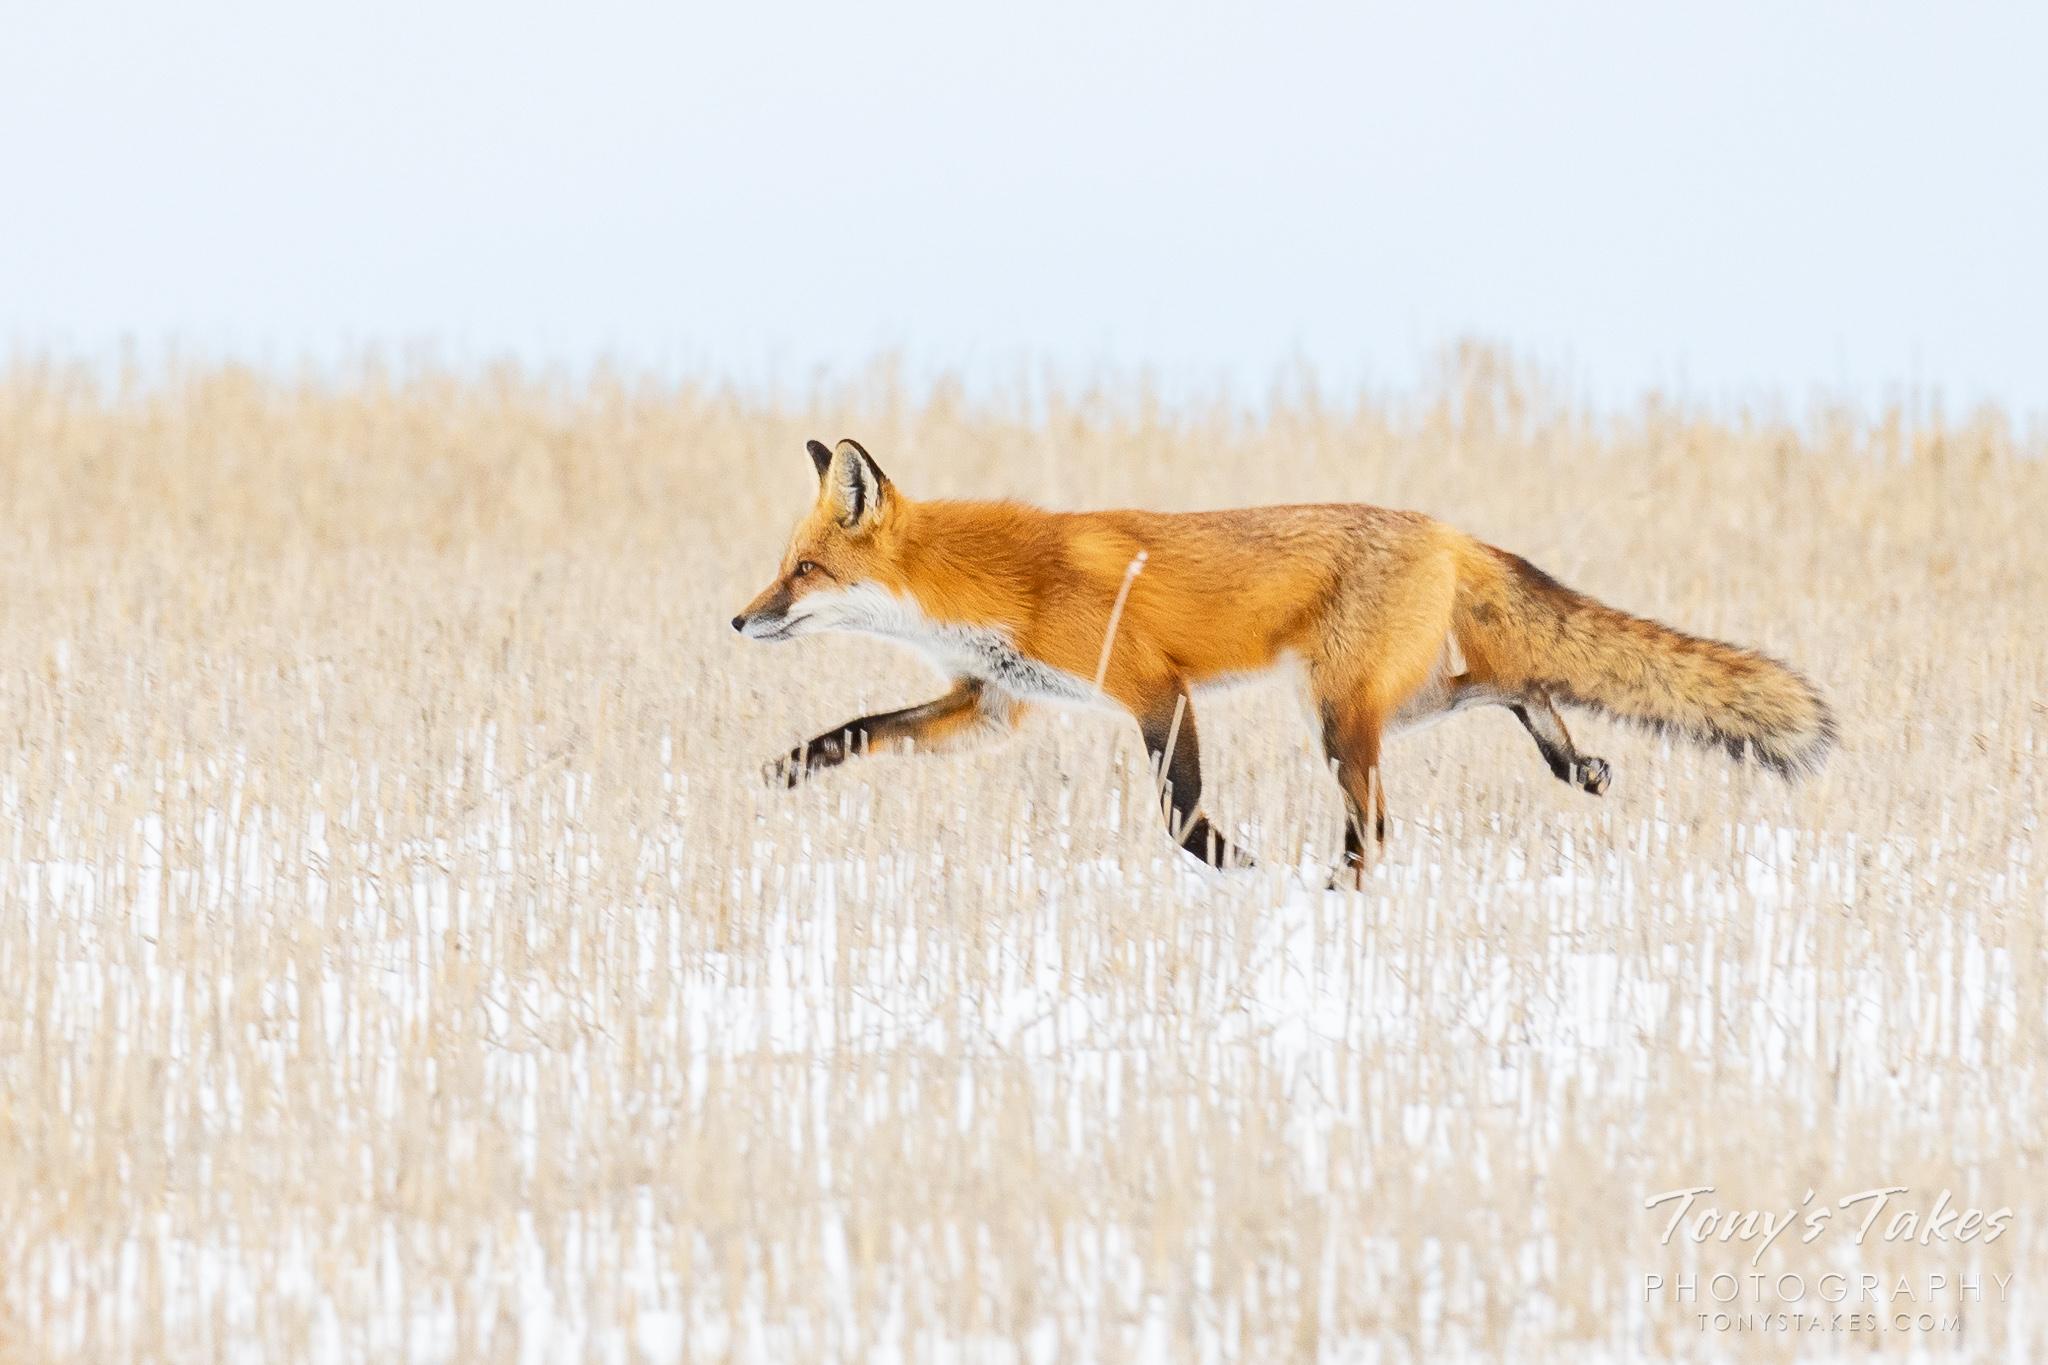 Fleet-footed fox in a field